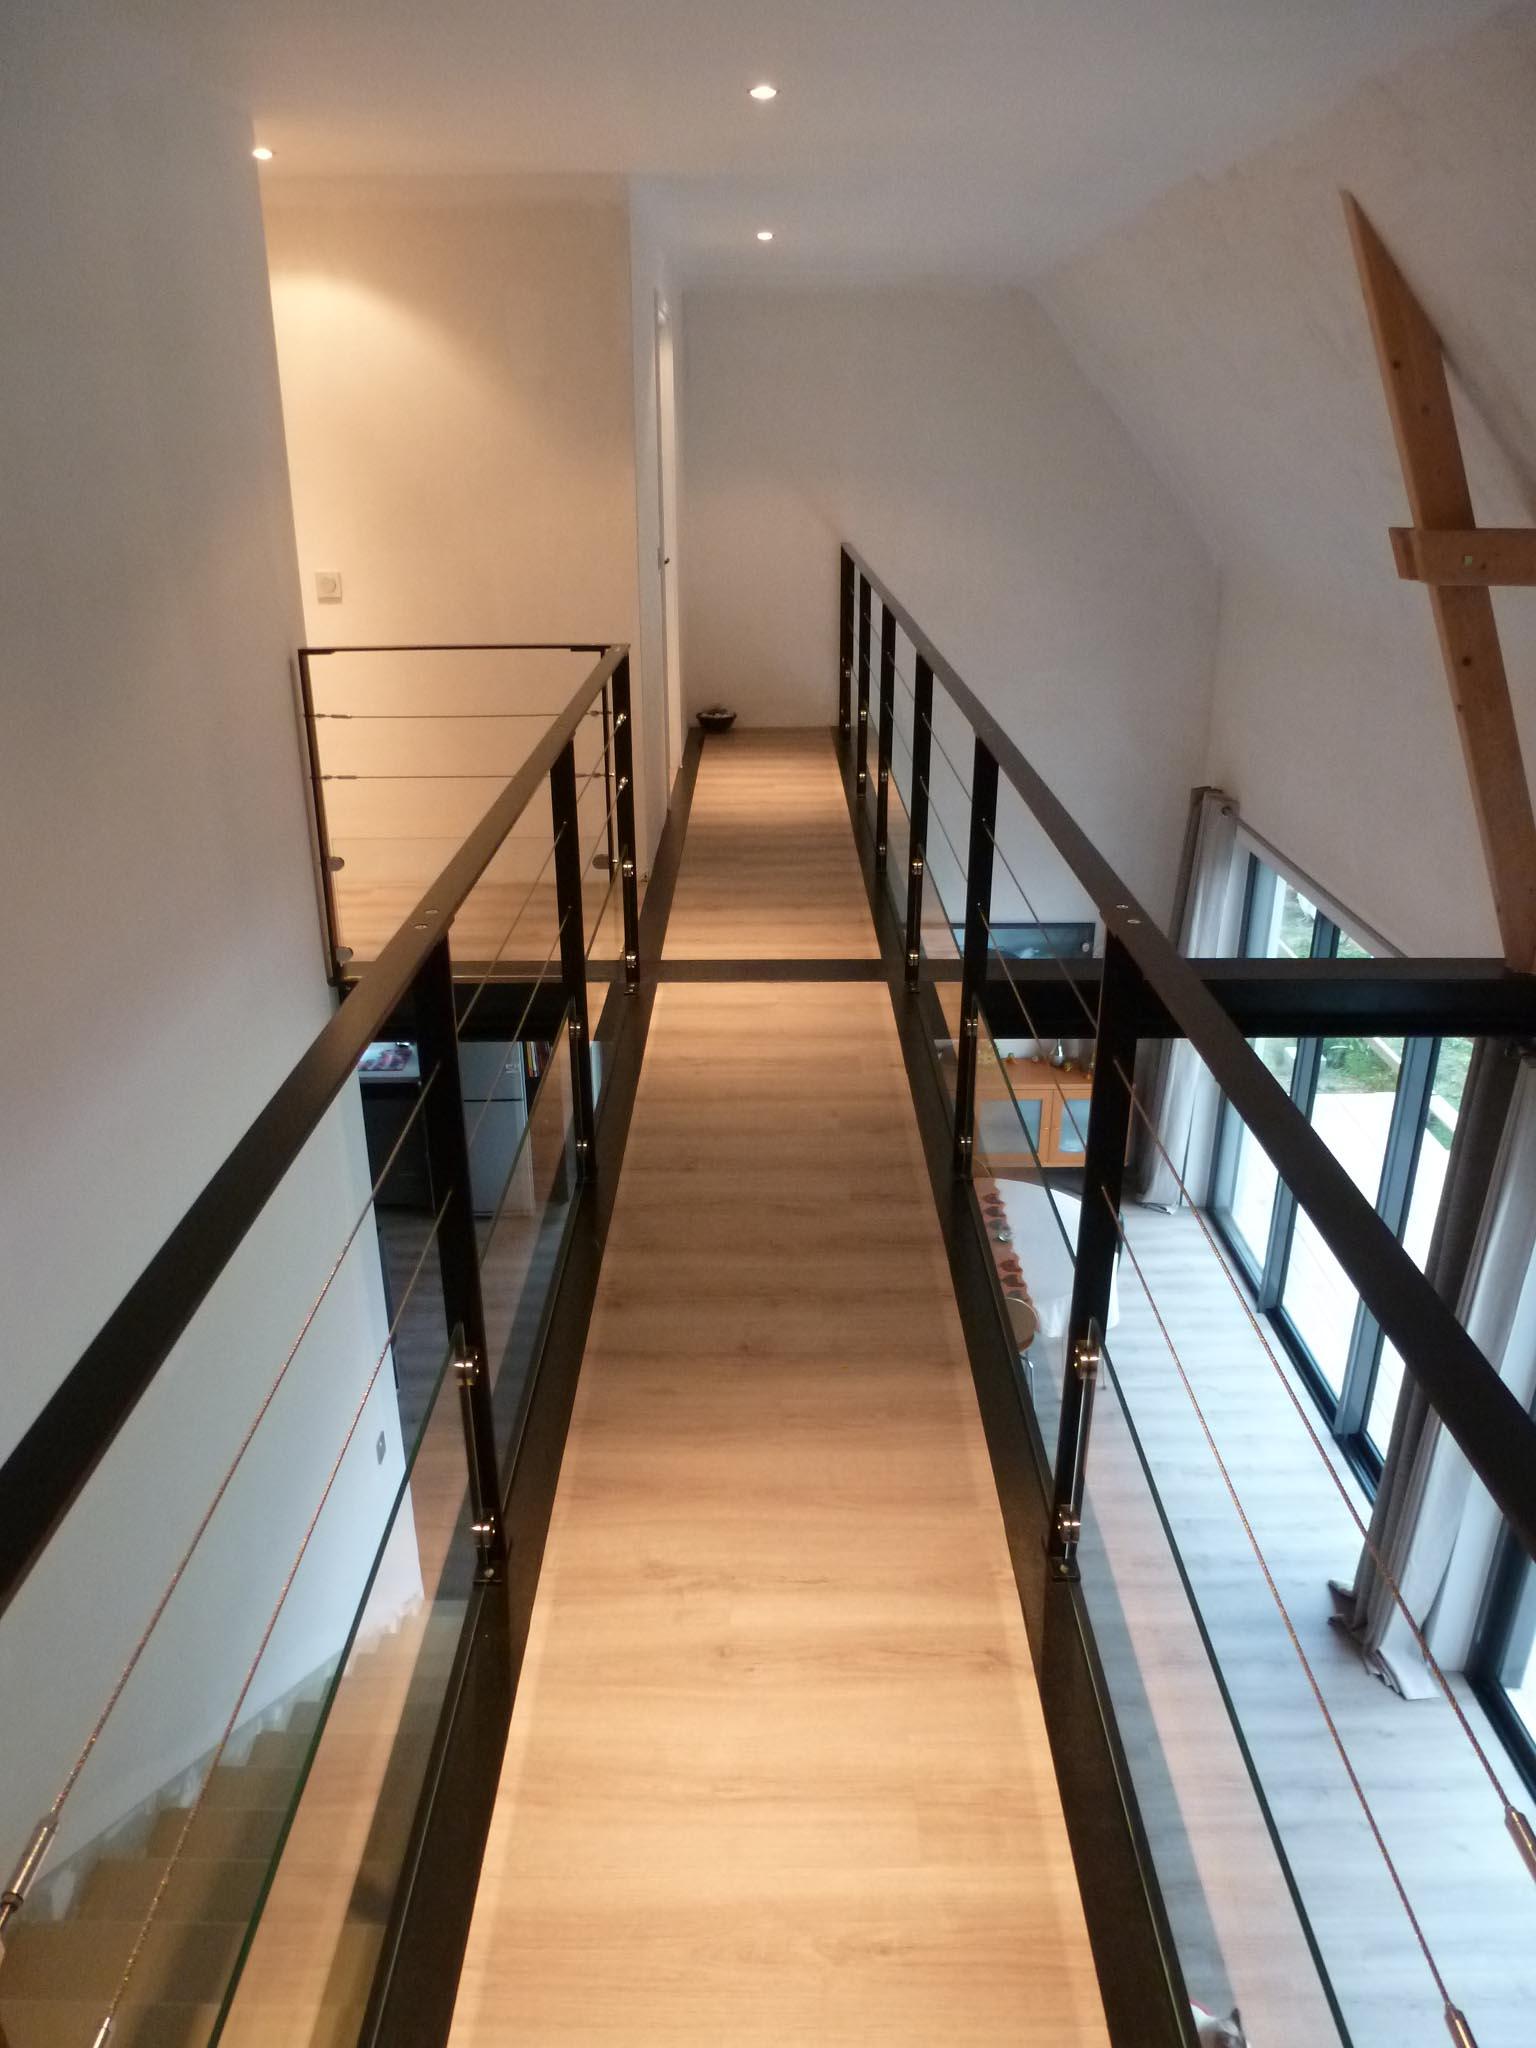 Habitation st gildas couedel design herve couedel - Architecte d interieur gironde ...